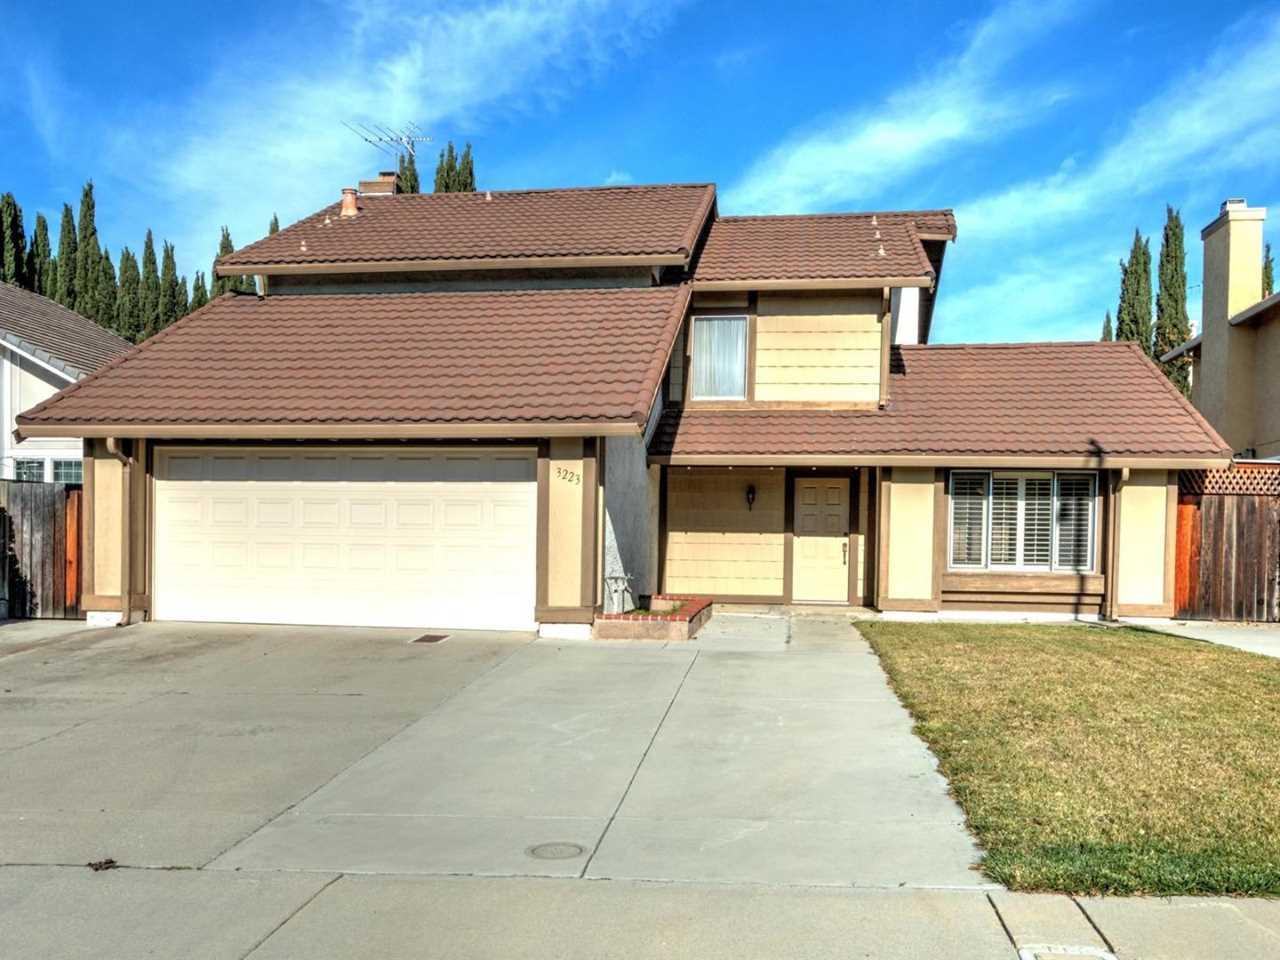 3223 Fieldgate Ct San Jose, CA 95148 | MLS ML81734904 Photo 1